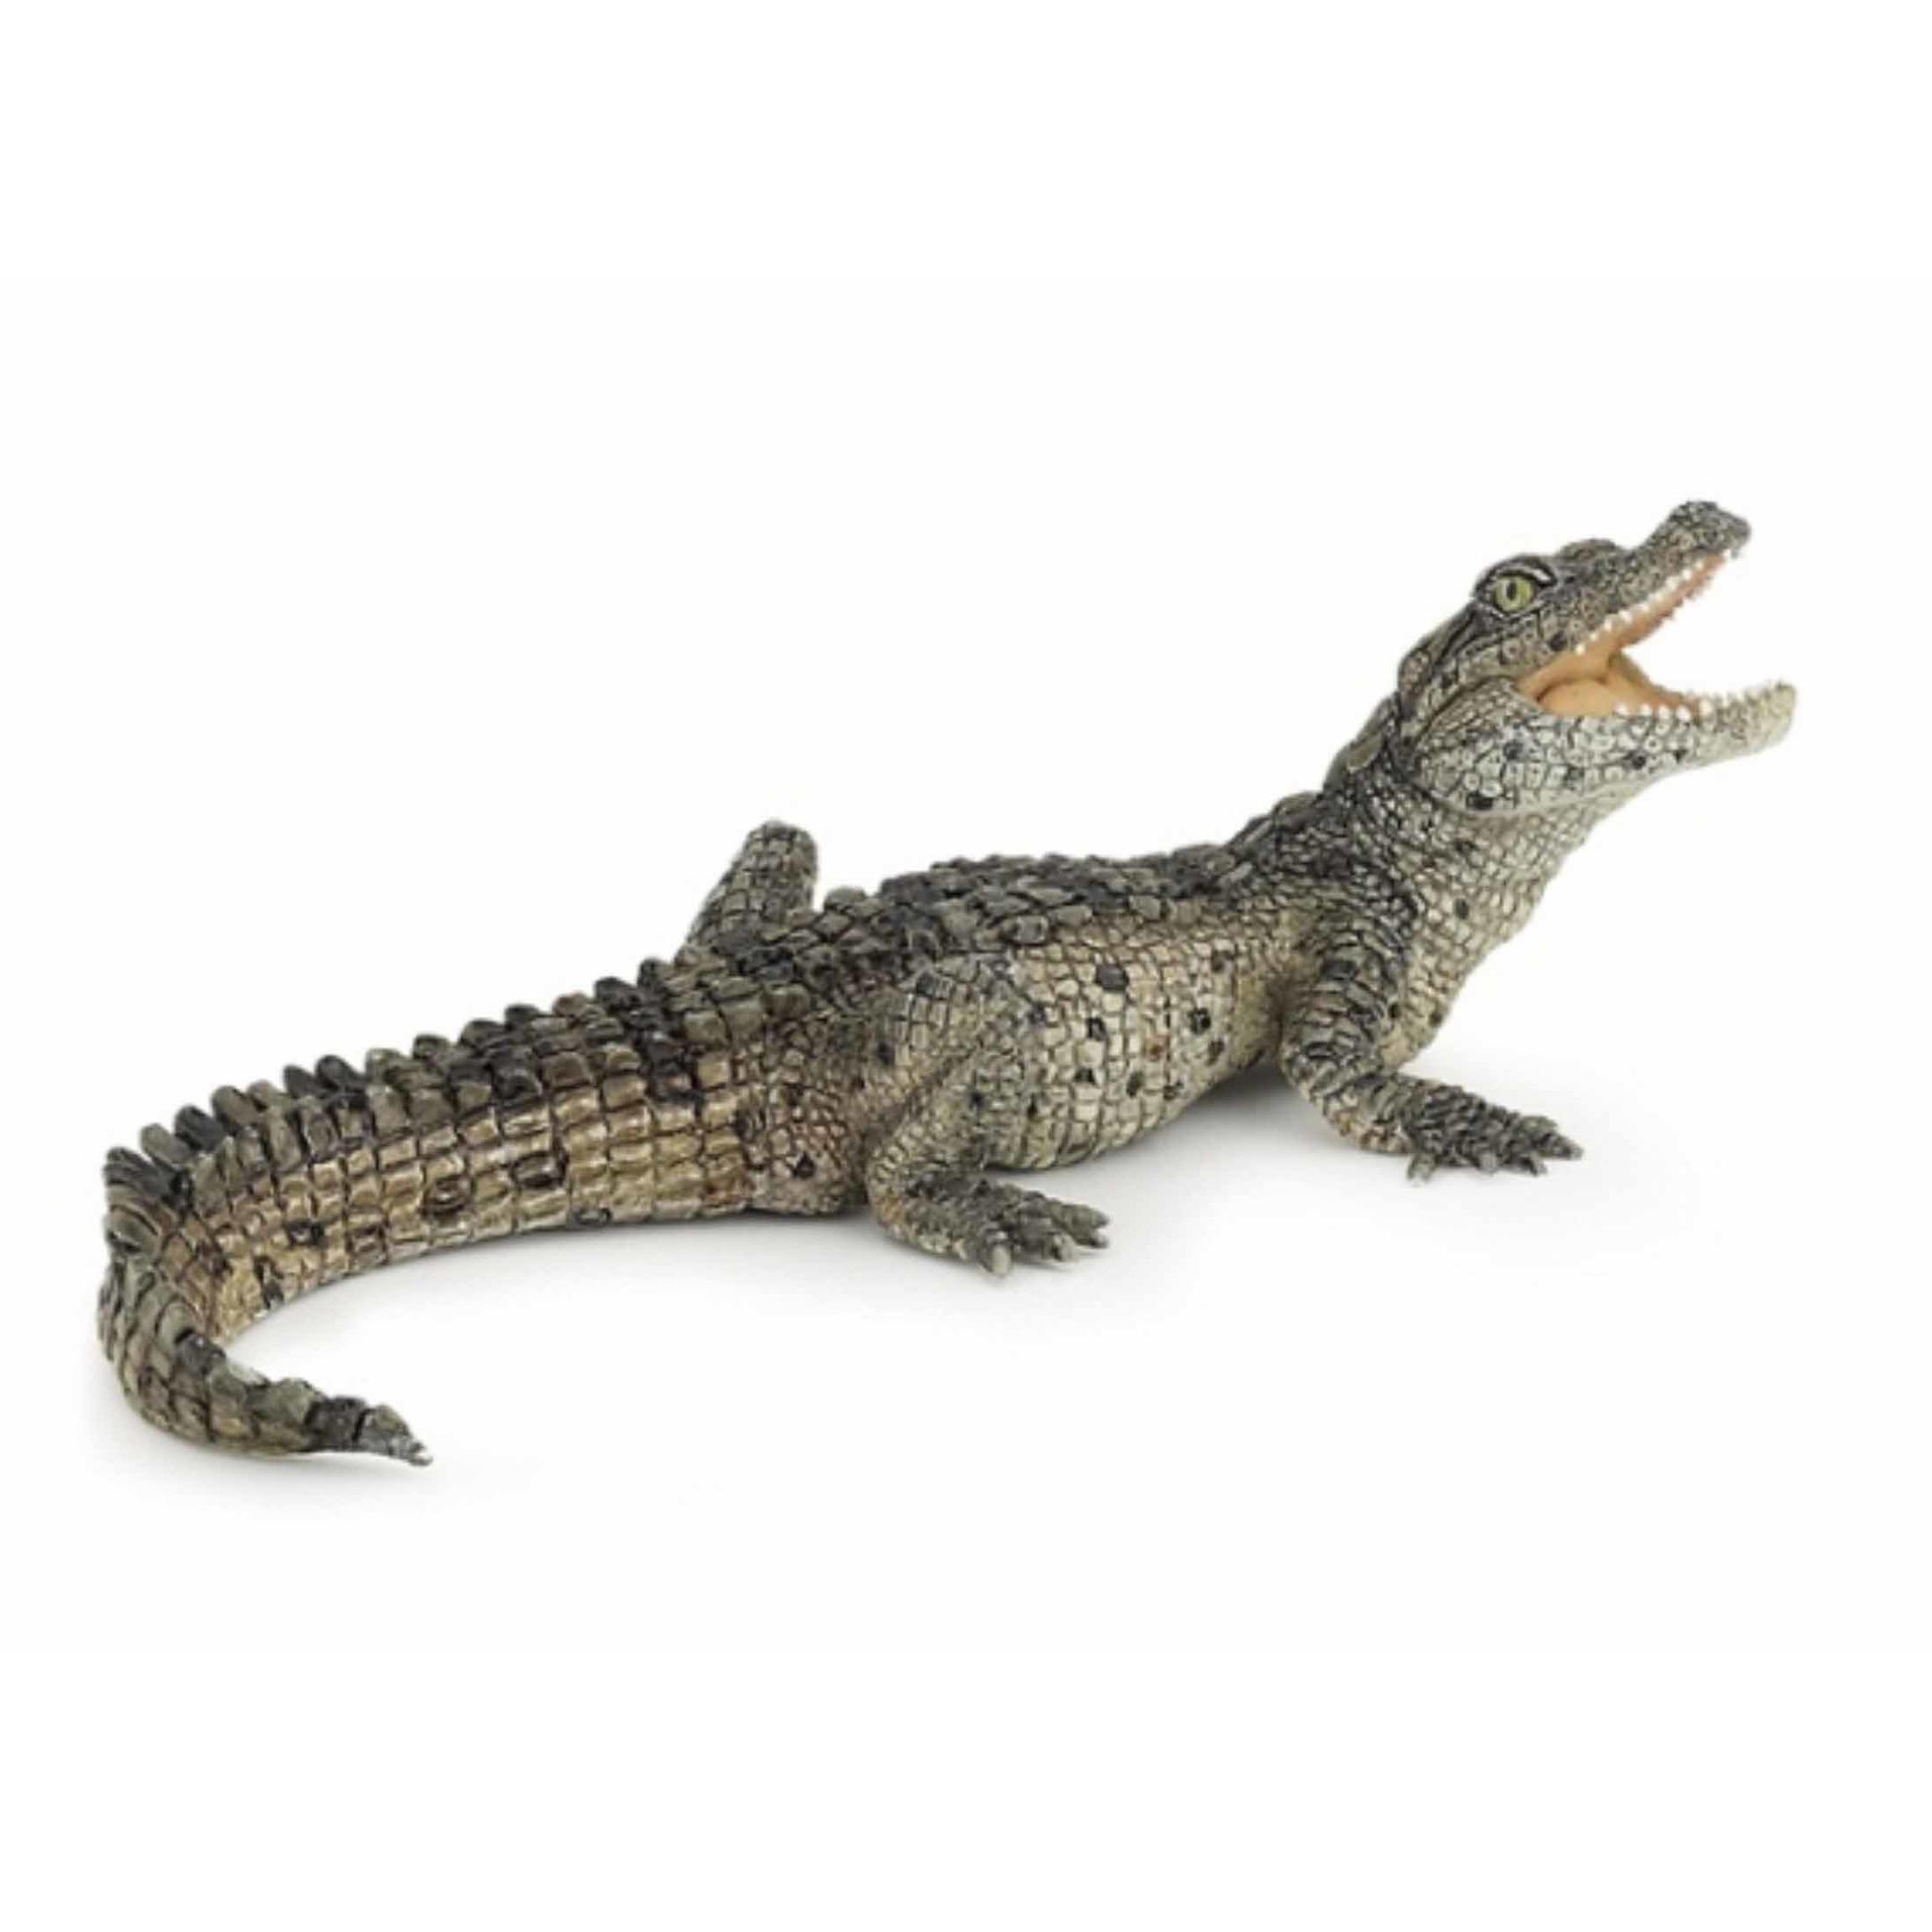 Plastic/rubber mini krokodil speeldiertje 10 cm